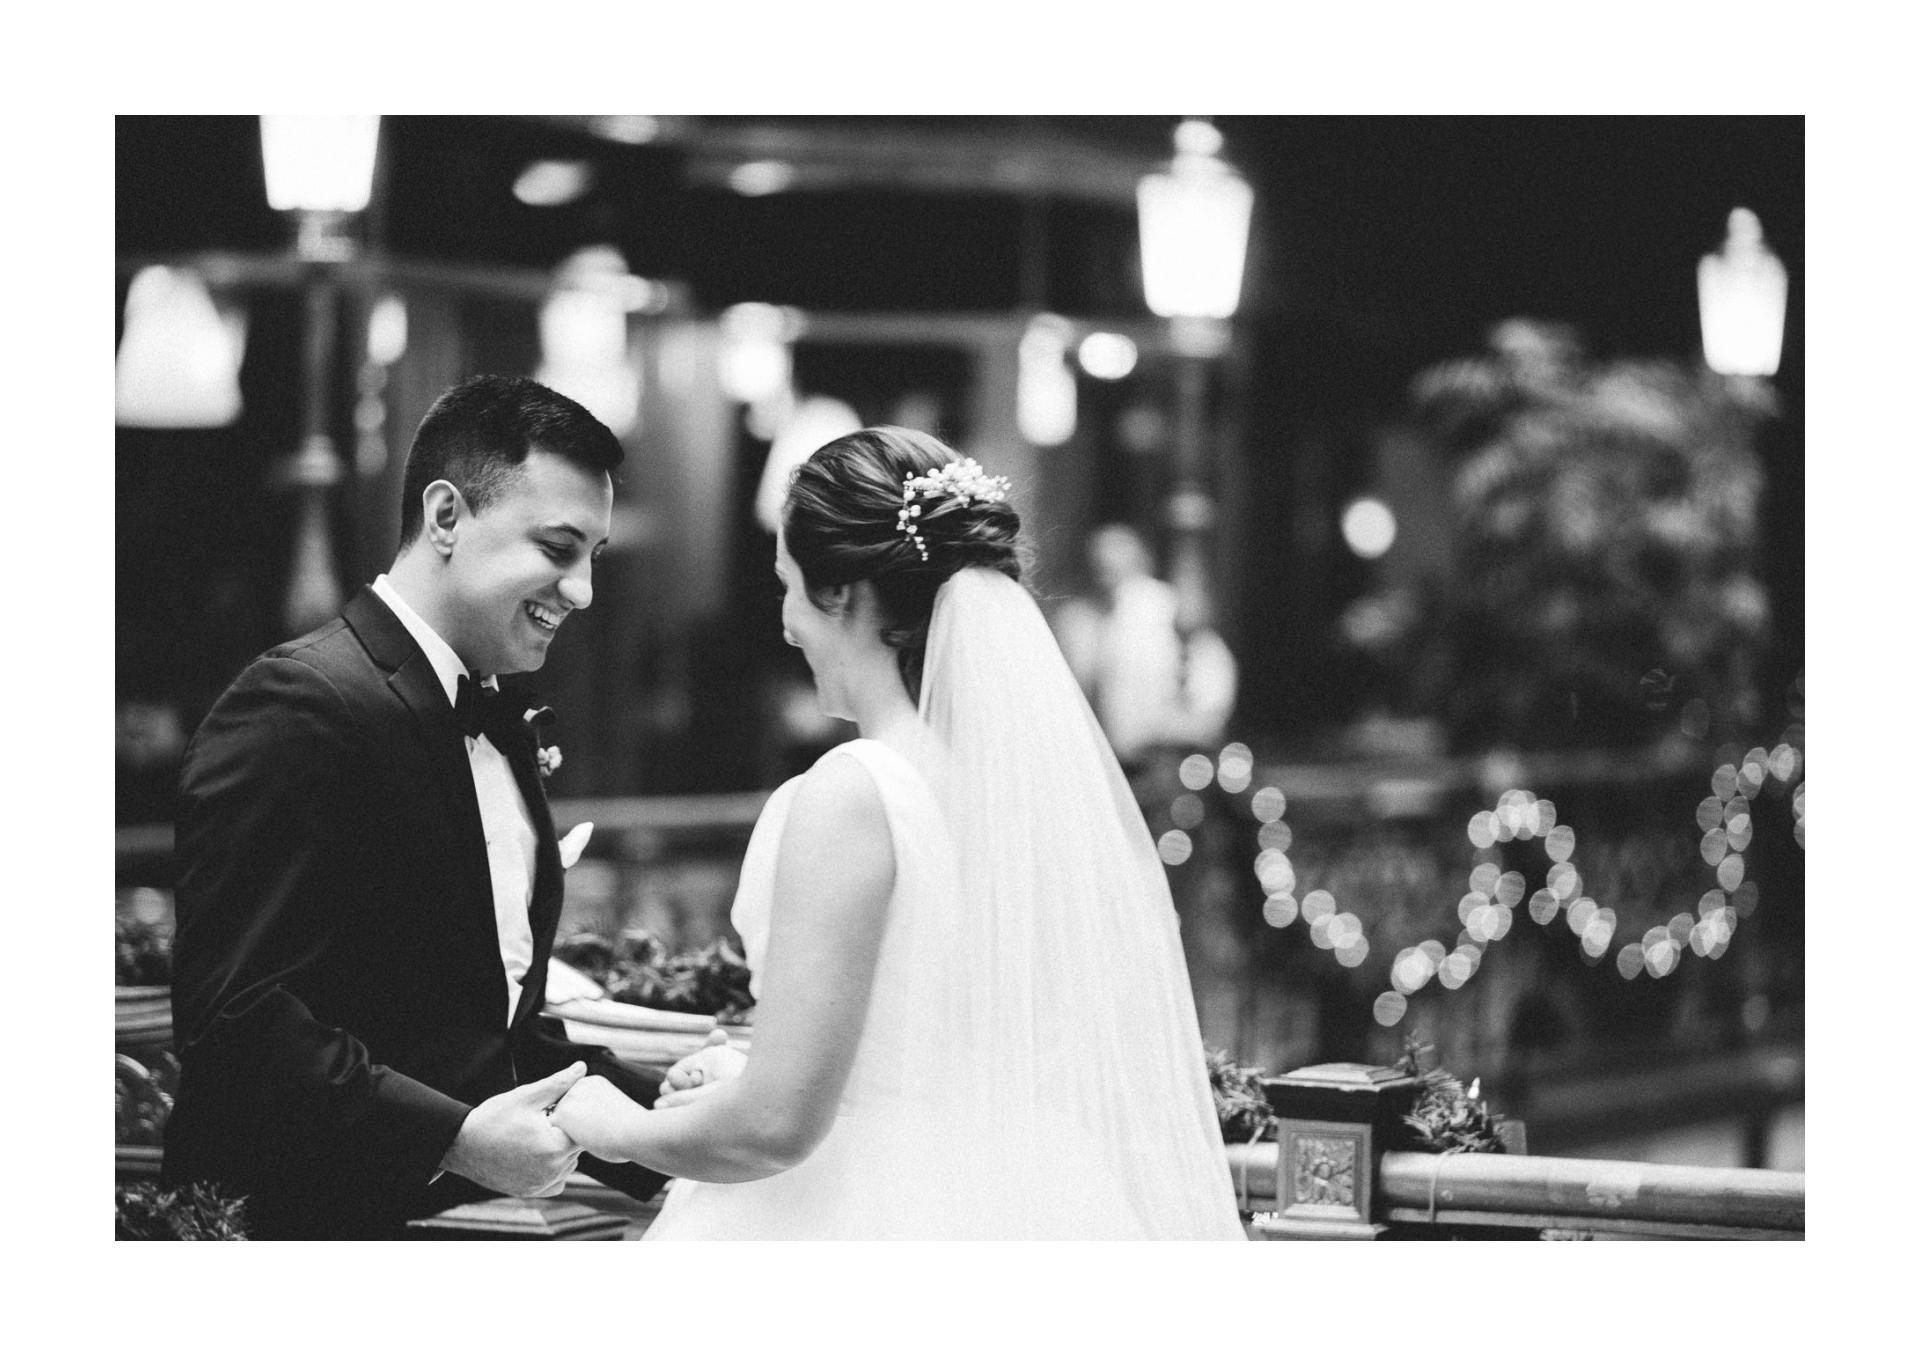 Hyatt Old Arcade Wedding Photographer in Cleveland 1 26.jpg